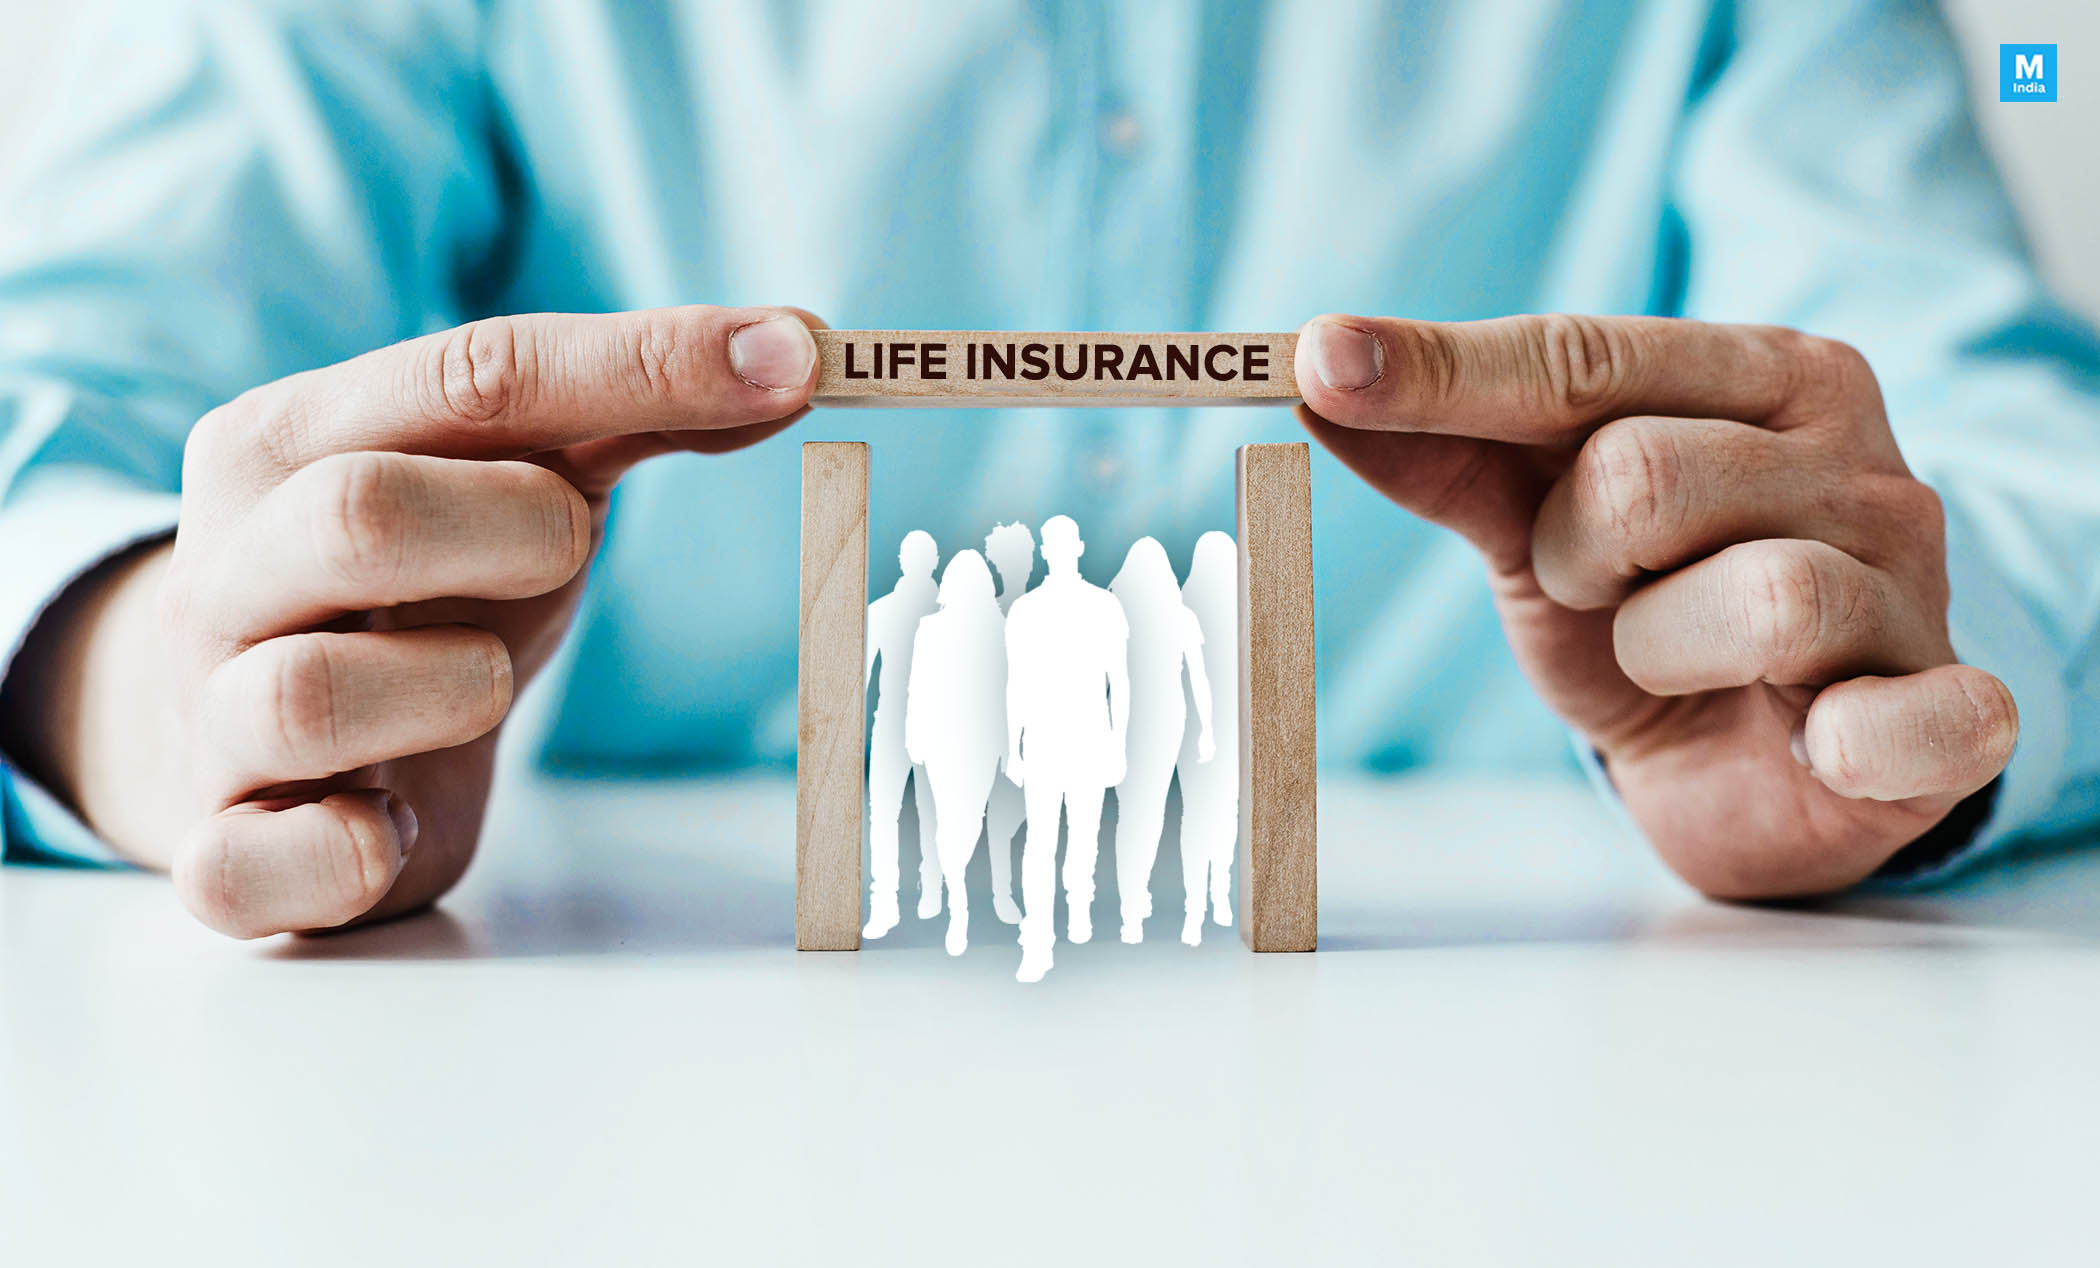 Nếu đang muốn mua bảo hiểm thì bạn nhất định cần phải biết những điều này - Ảnh 5.